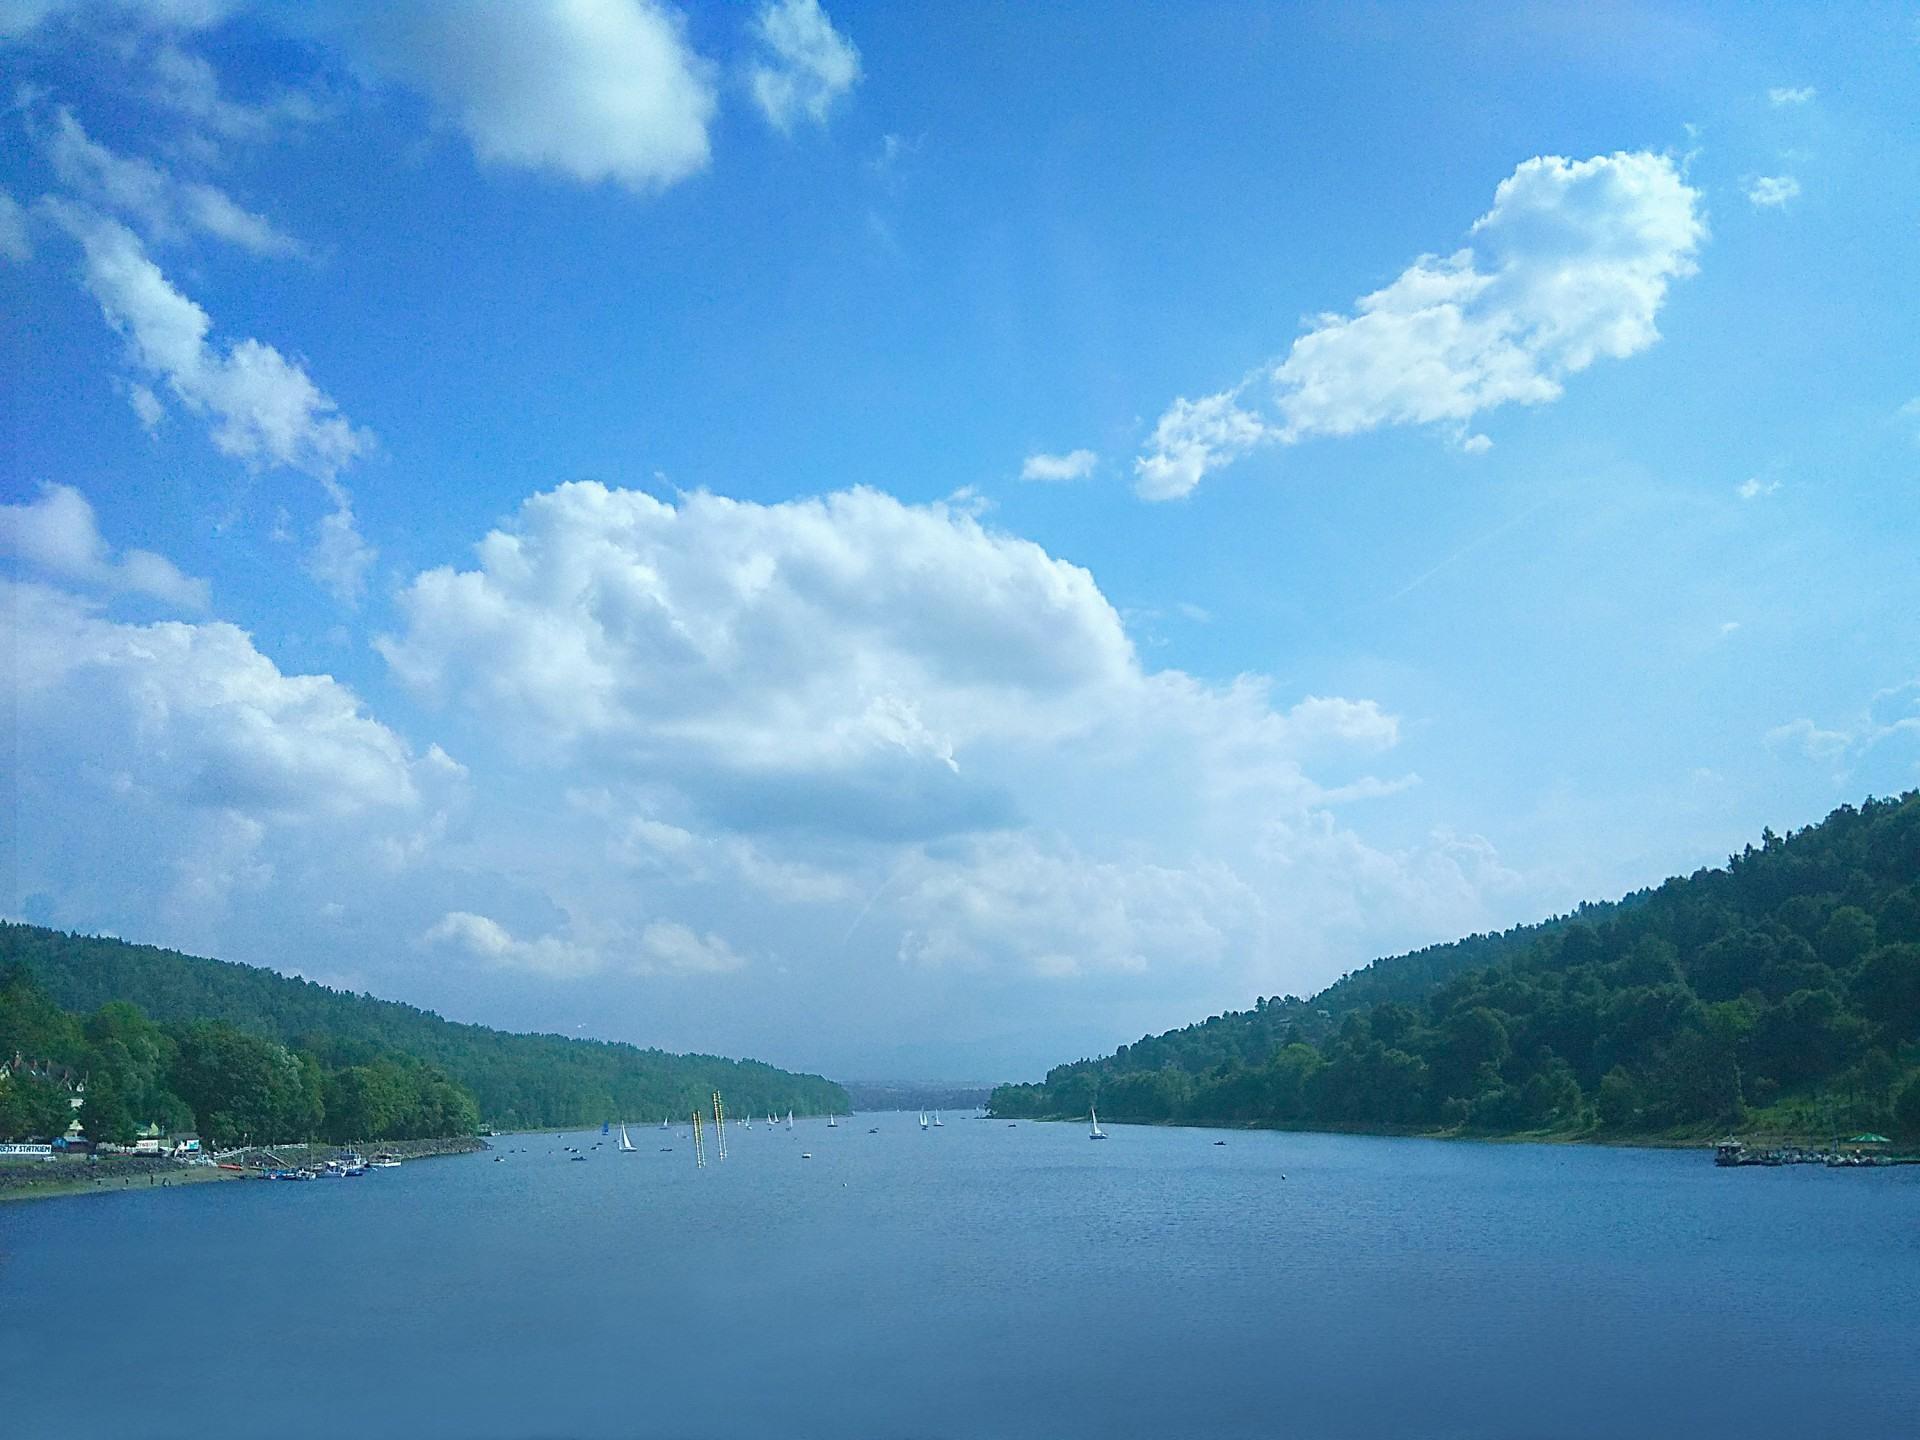 Jezioro Żywieckie, zapora, niedaleko domków Rozmaryn nad jeziorem